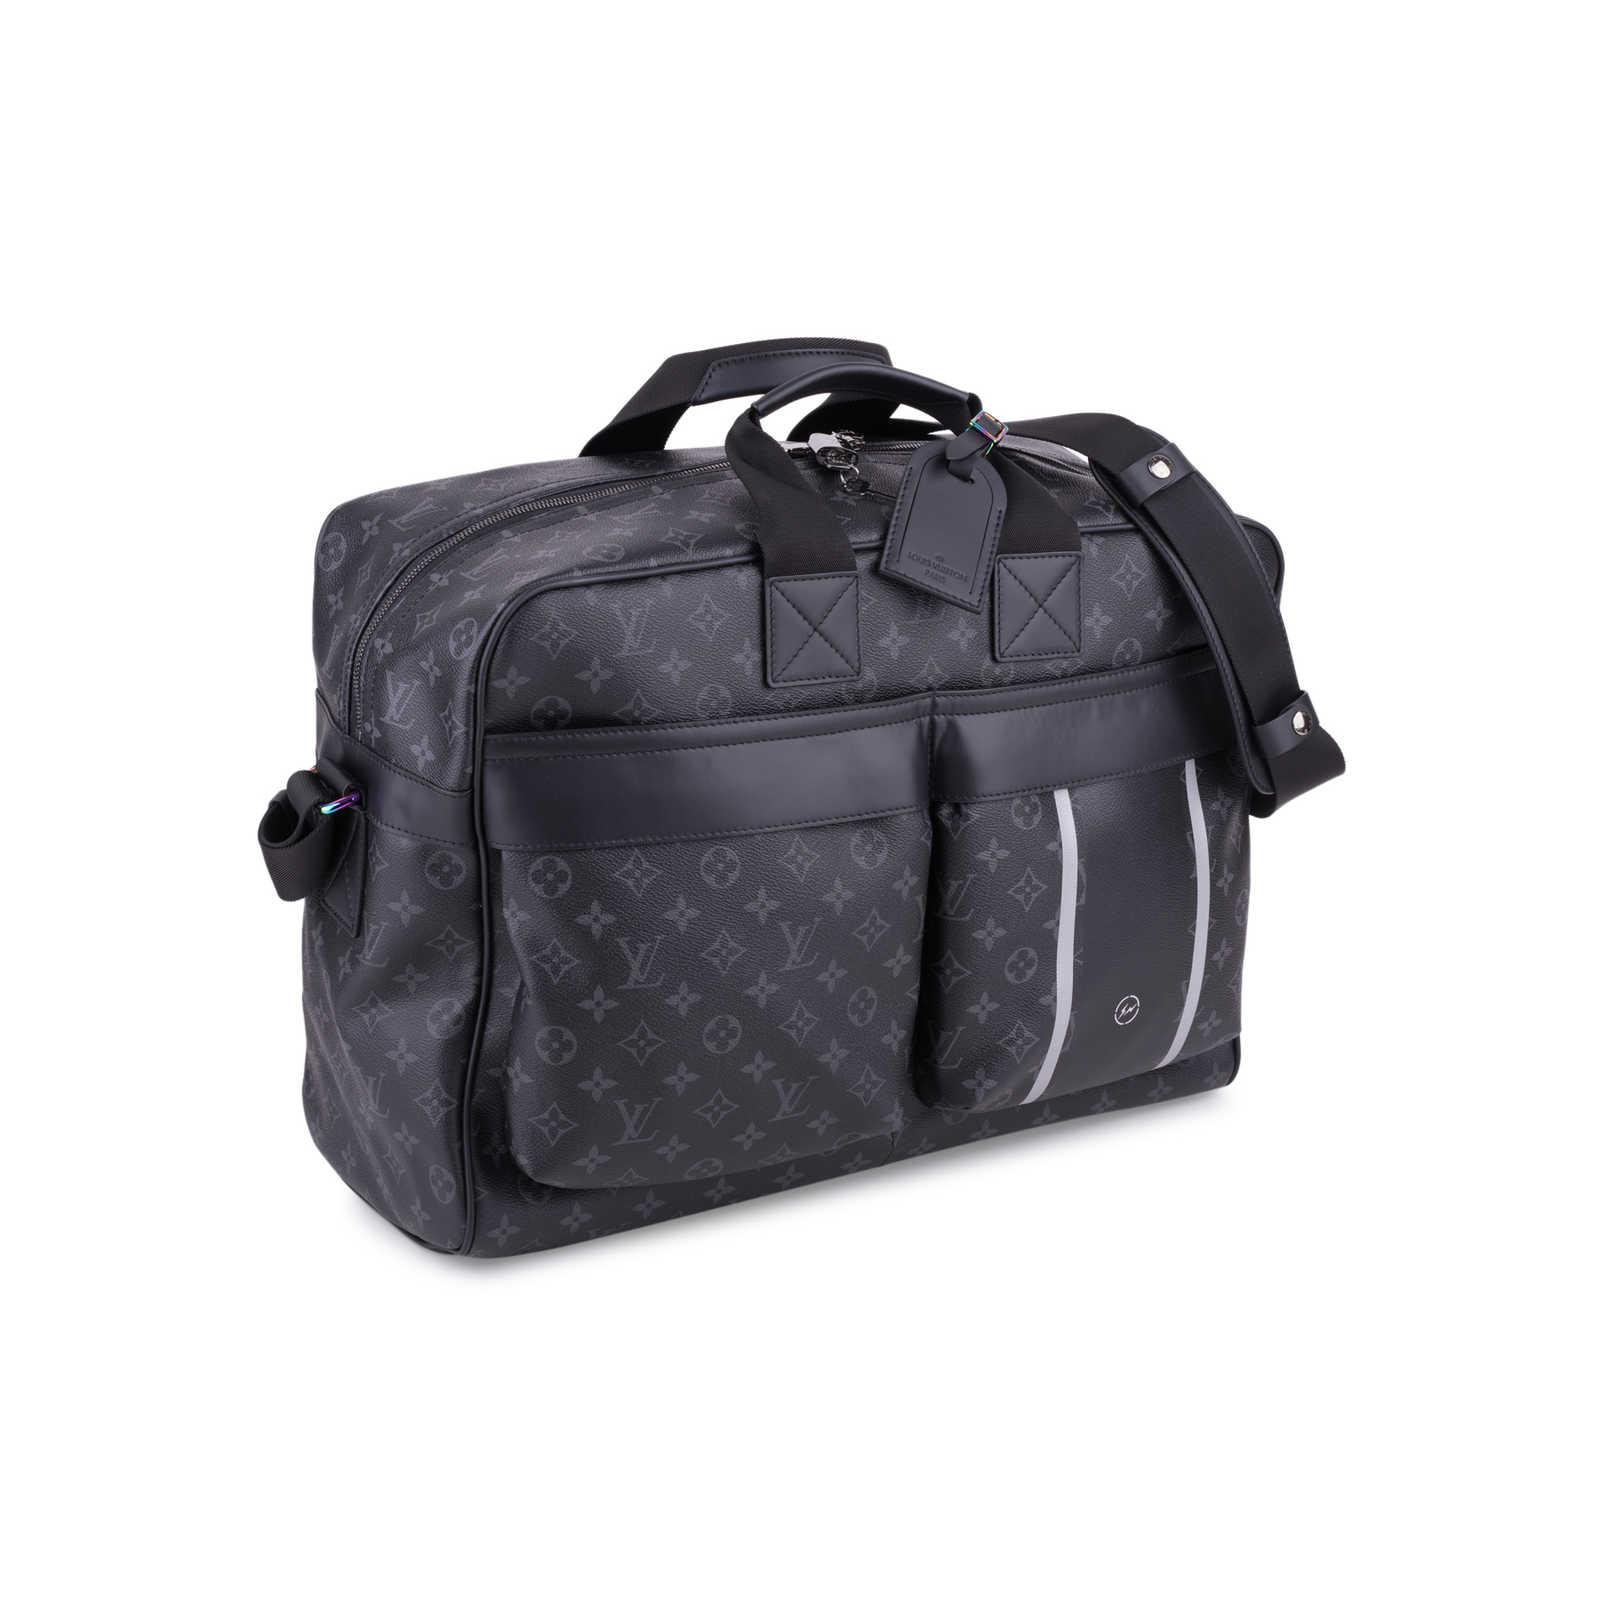 da5893e9d066 ... Authentic Second Hand Louis Vuitton Fragment Eclipse Flash Travel Bag  (PSS-200-01683 ...